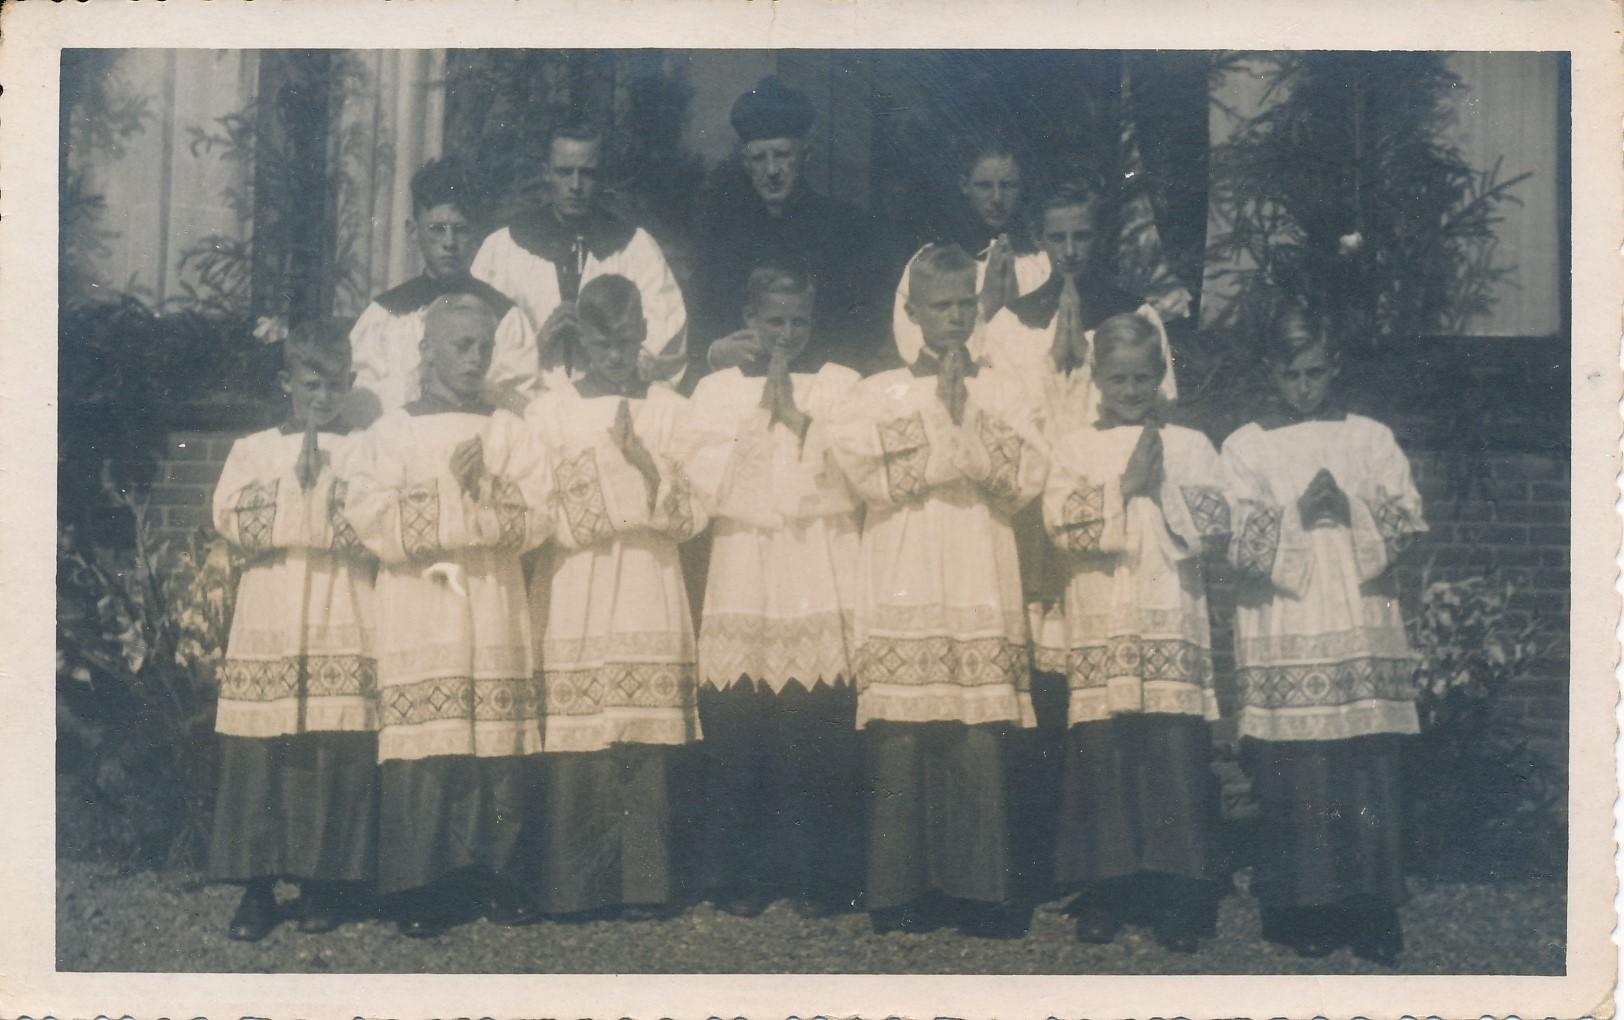 Fotoalbum Andre Kamsma, 149, Zilveren Priesterfeest fan N. W. van Oostrum, Pastoor Oosterwierum, 15-08-1946